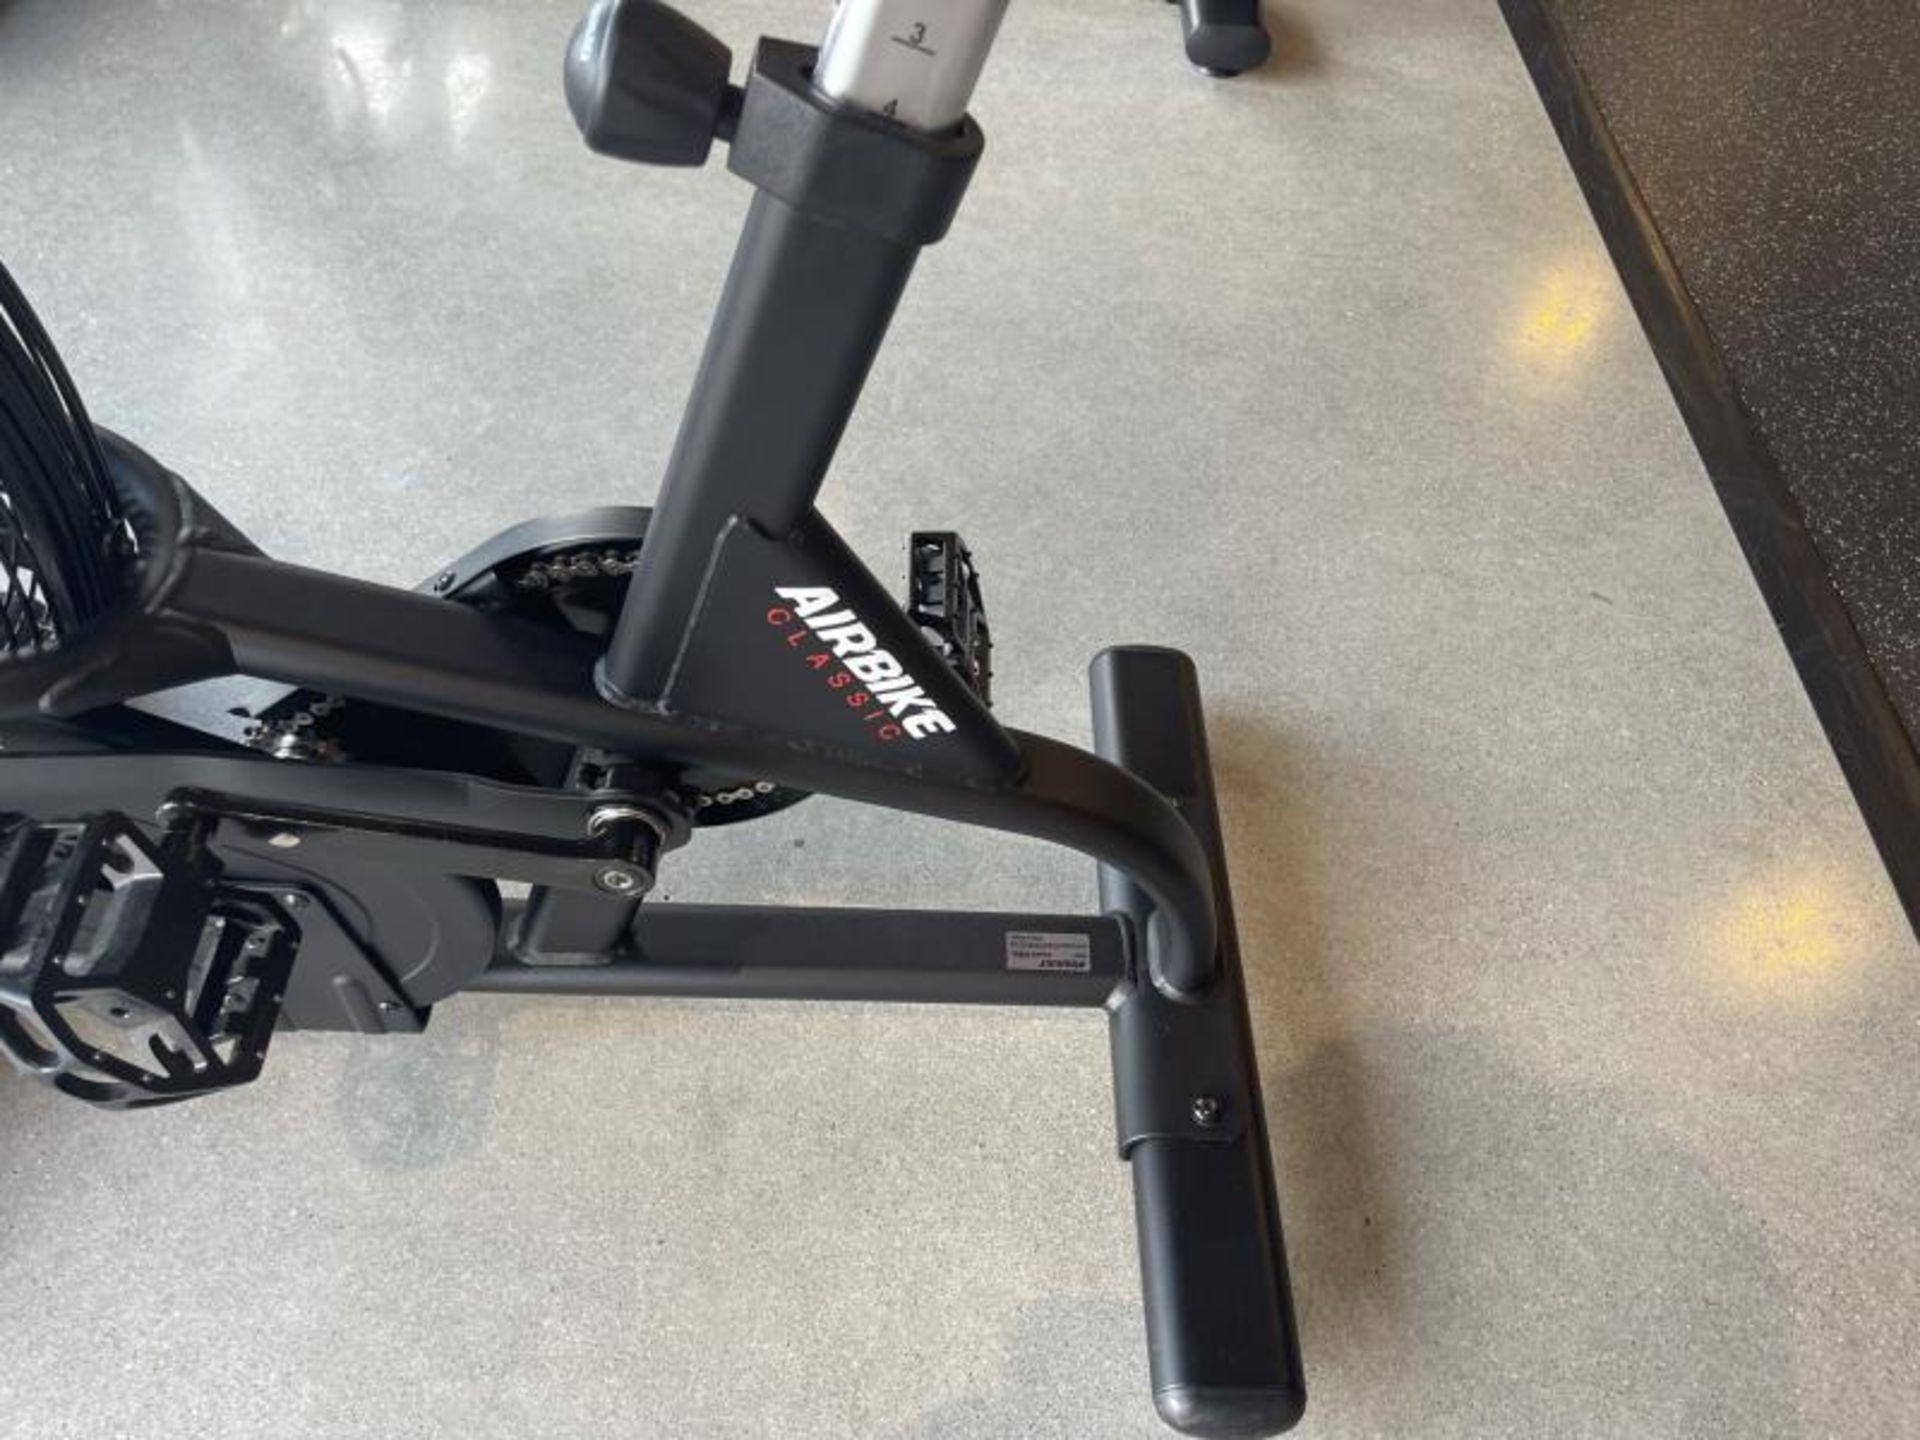 Assault Fitness Air Bike M: ASSAULTAIRBIKE - Image 4 of 7